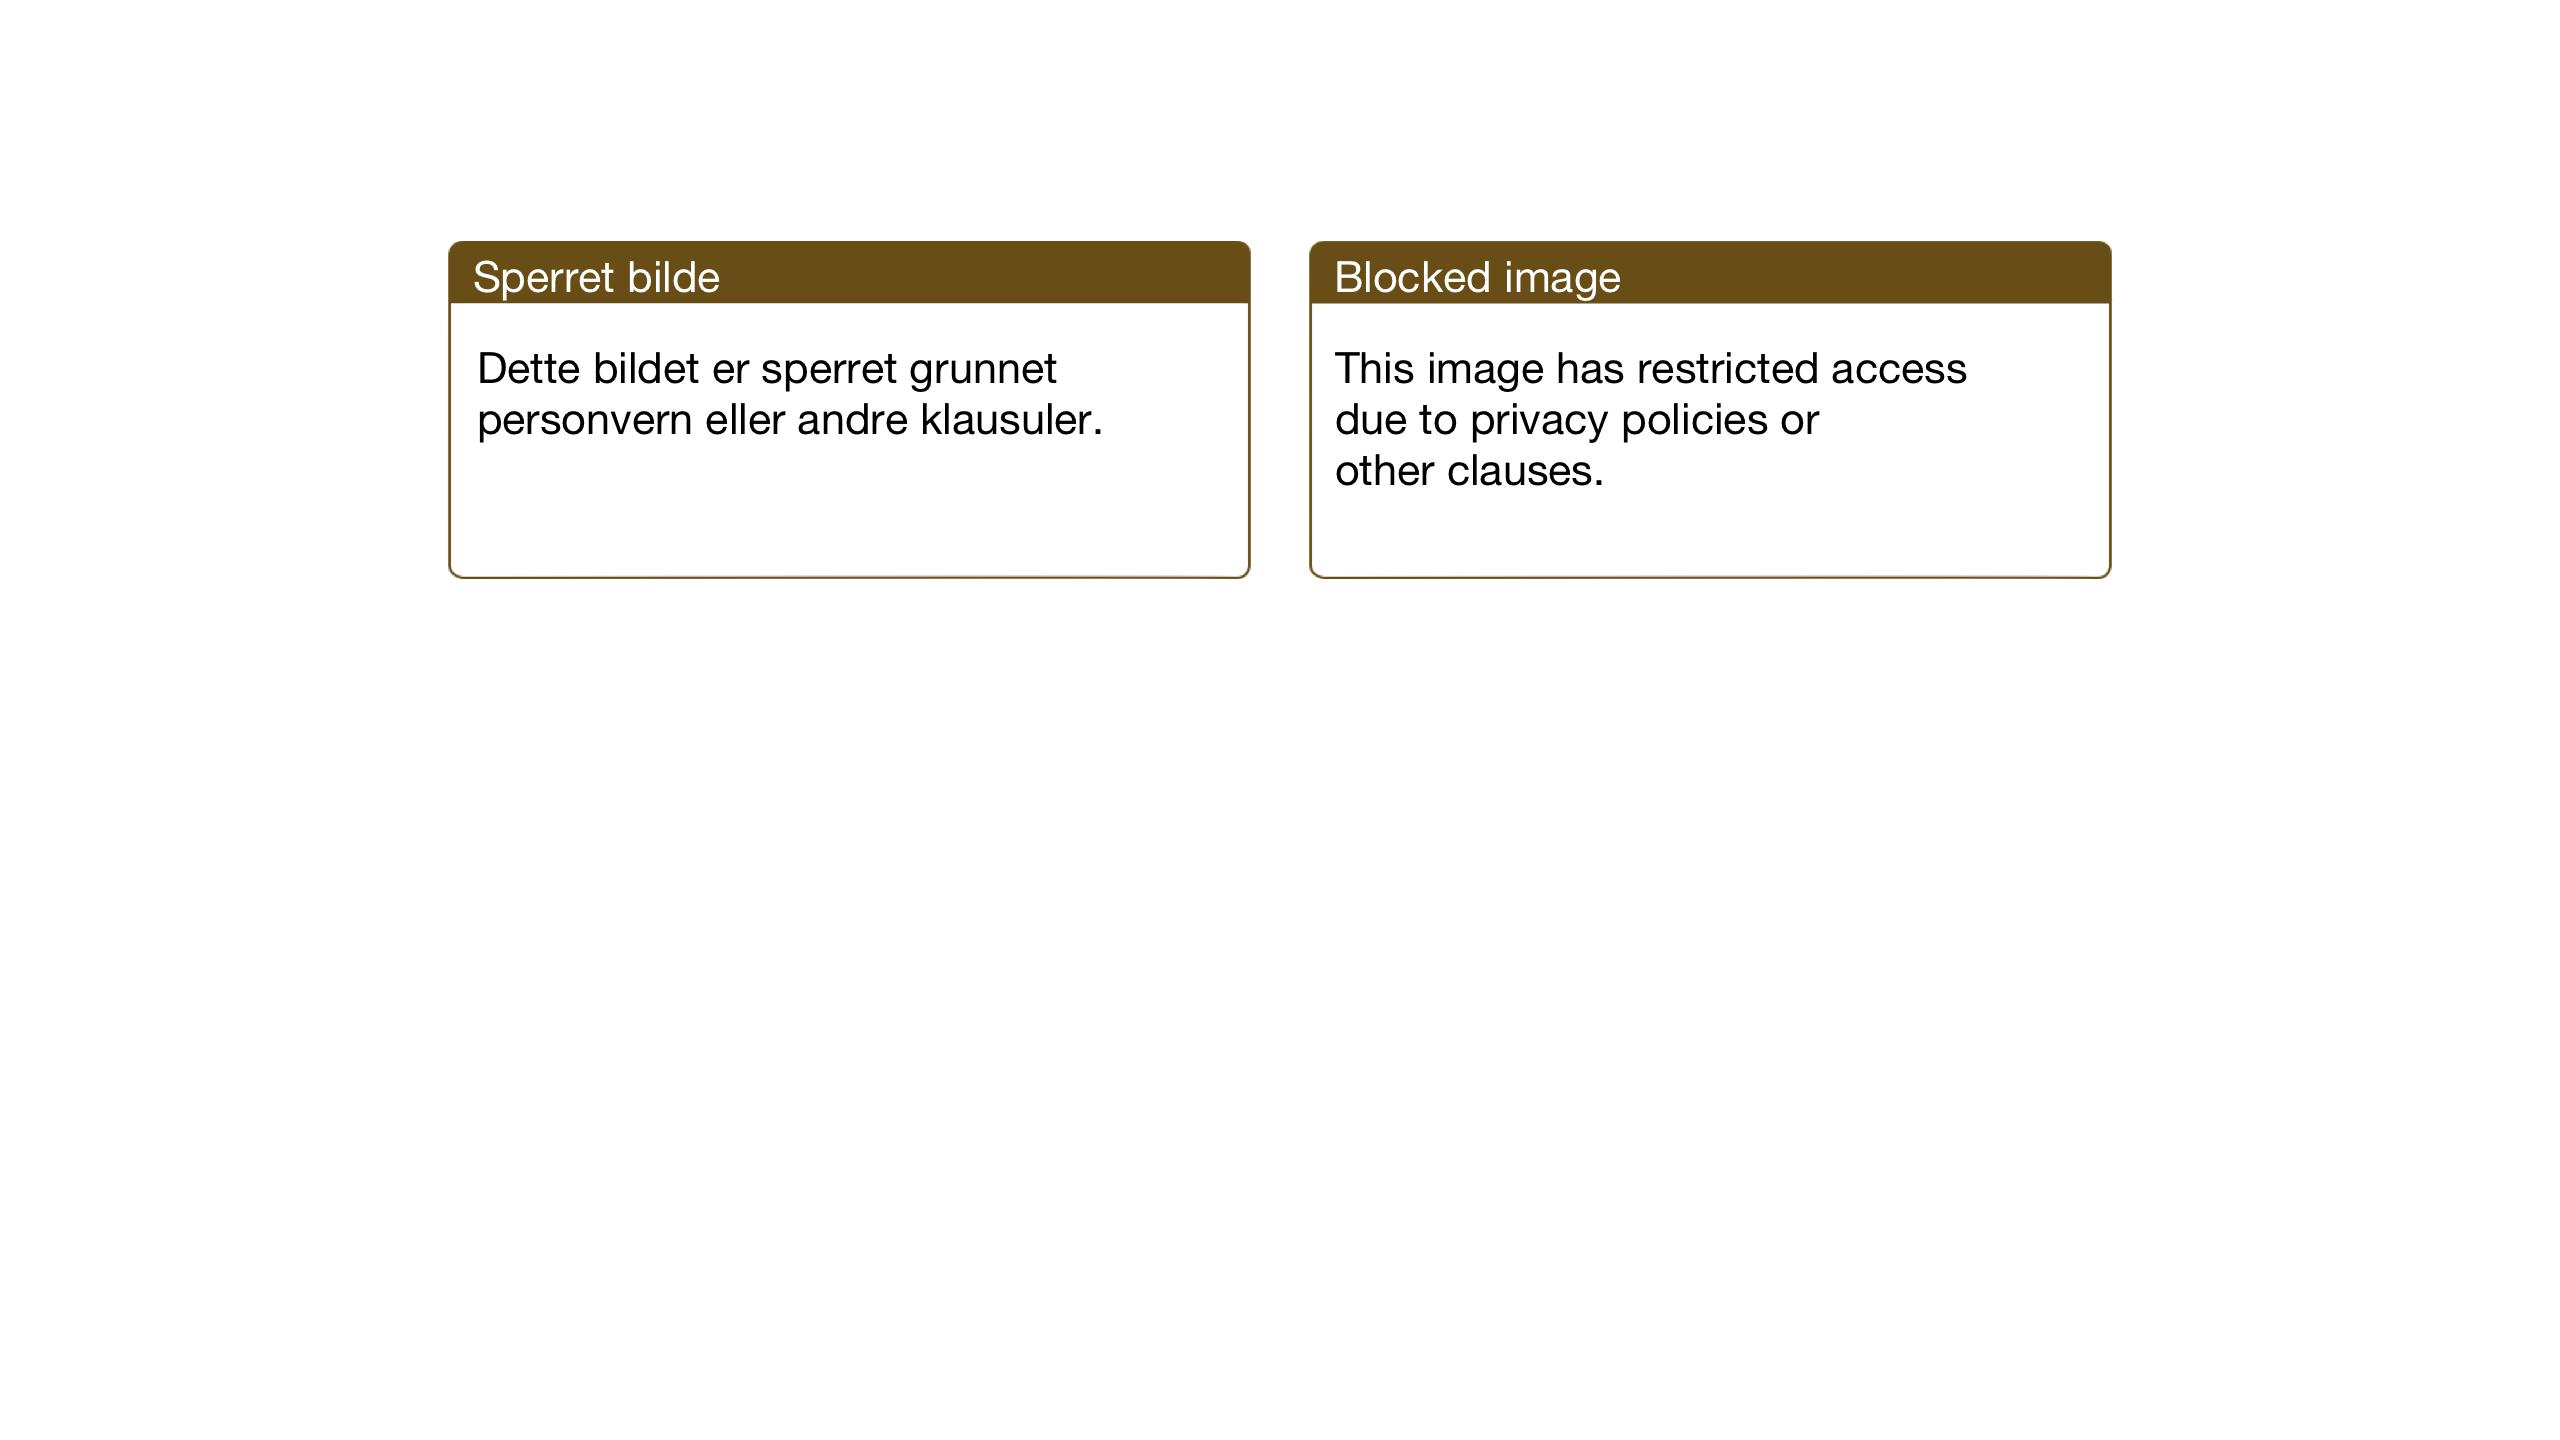 SAT, Ministerialprotokoller, klokkerbøker og fødselsregistre - Sør-Trøndelag, 635/L0556: Klokkerbok nr. 635C04, 1943-1945, s. 117